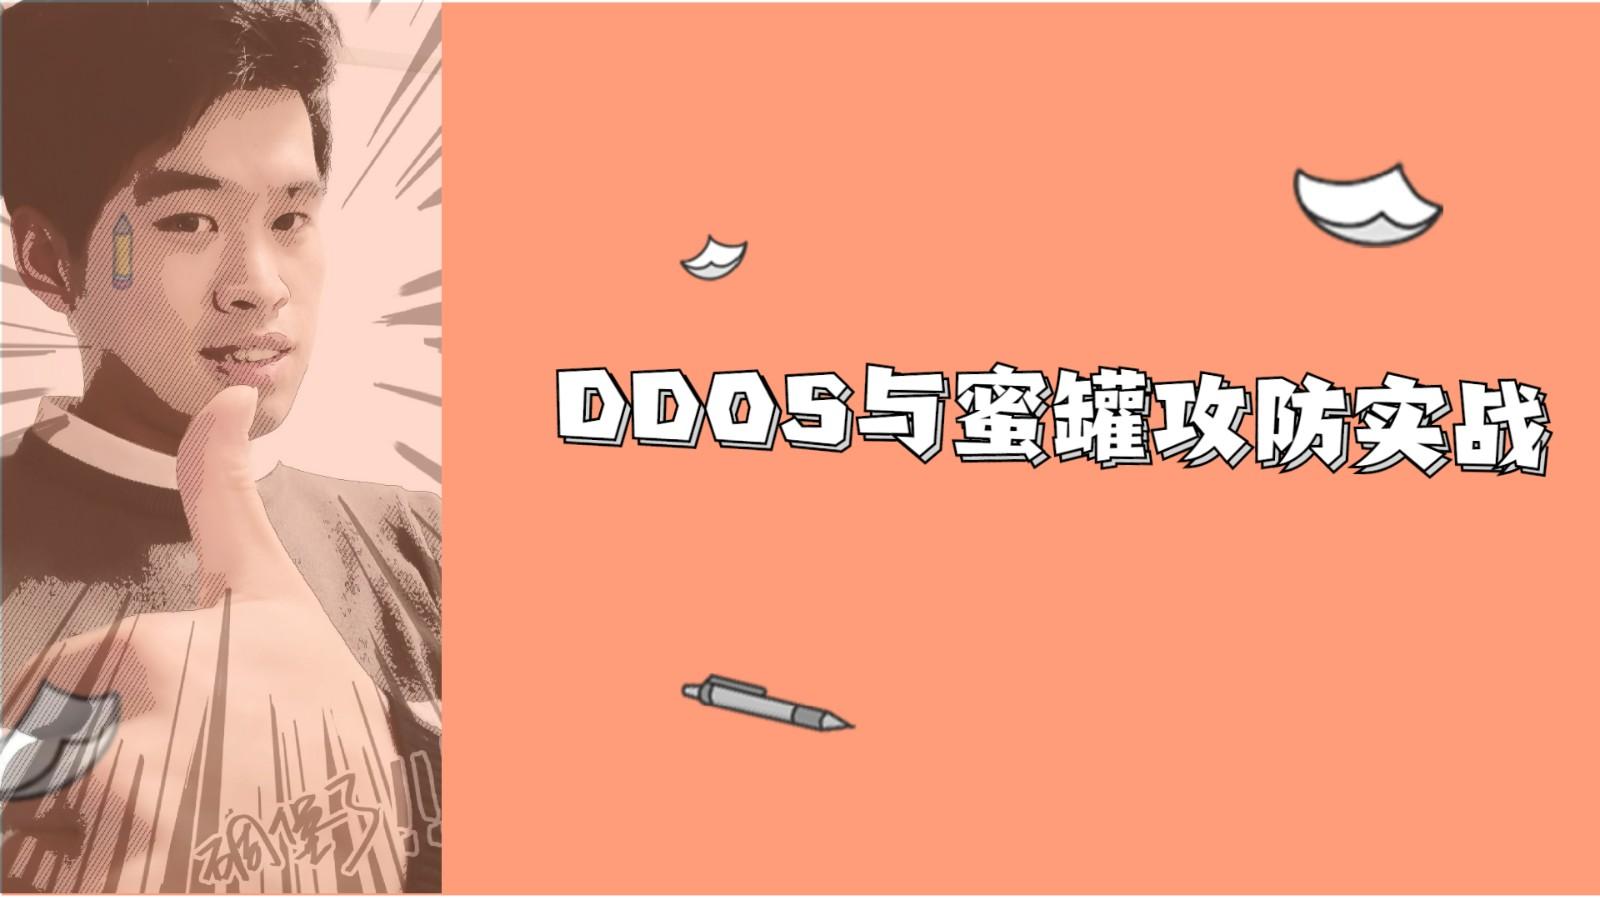 网络安全工程师演示:DDOS和WEB网站***与Kali Linux设置蜜罐记录***行为?